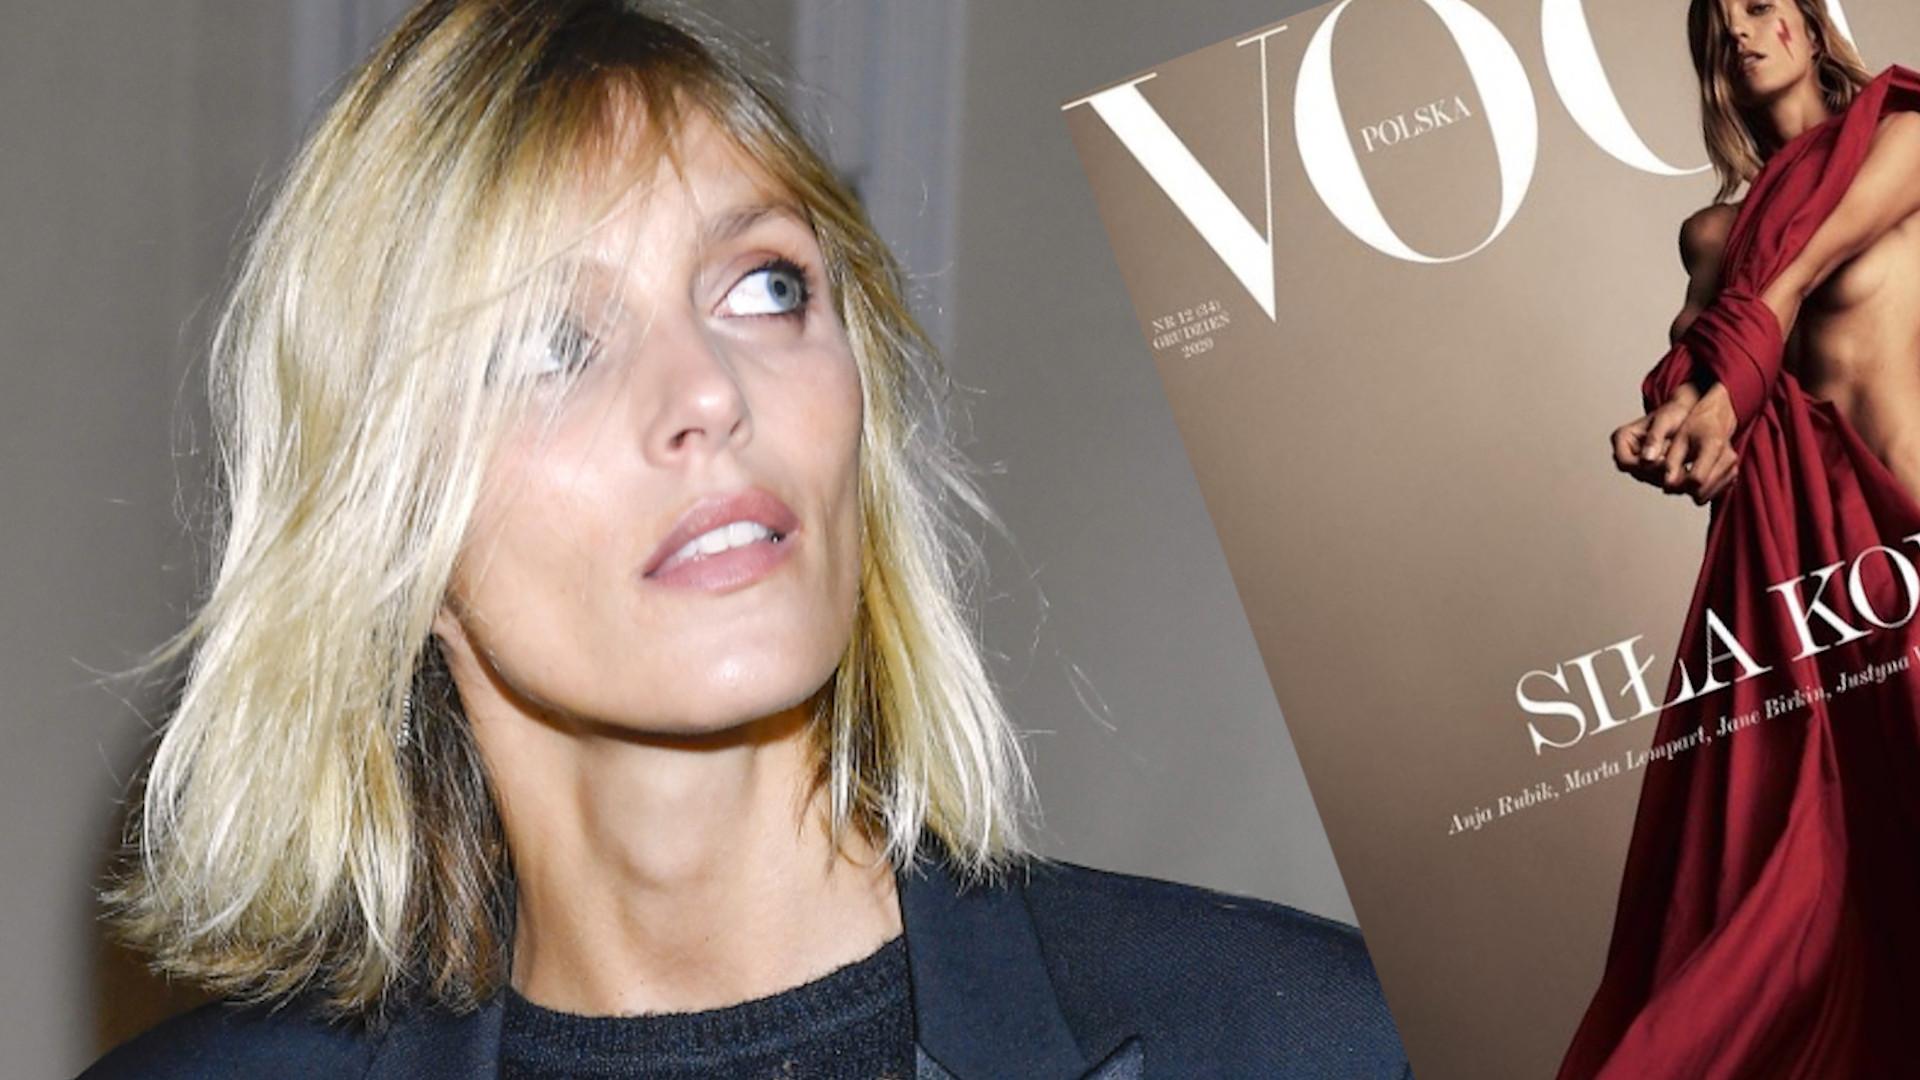 """Anja Rubik na okładce Vogue Polska: """"Są to najważniejsze i najbardziej osobiste okładki oraz autoportrety w mojej karierze"""""""